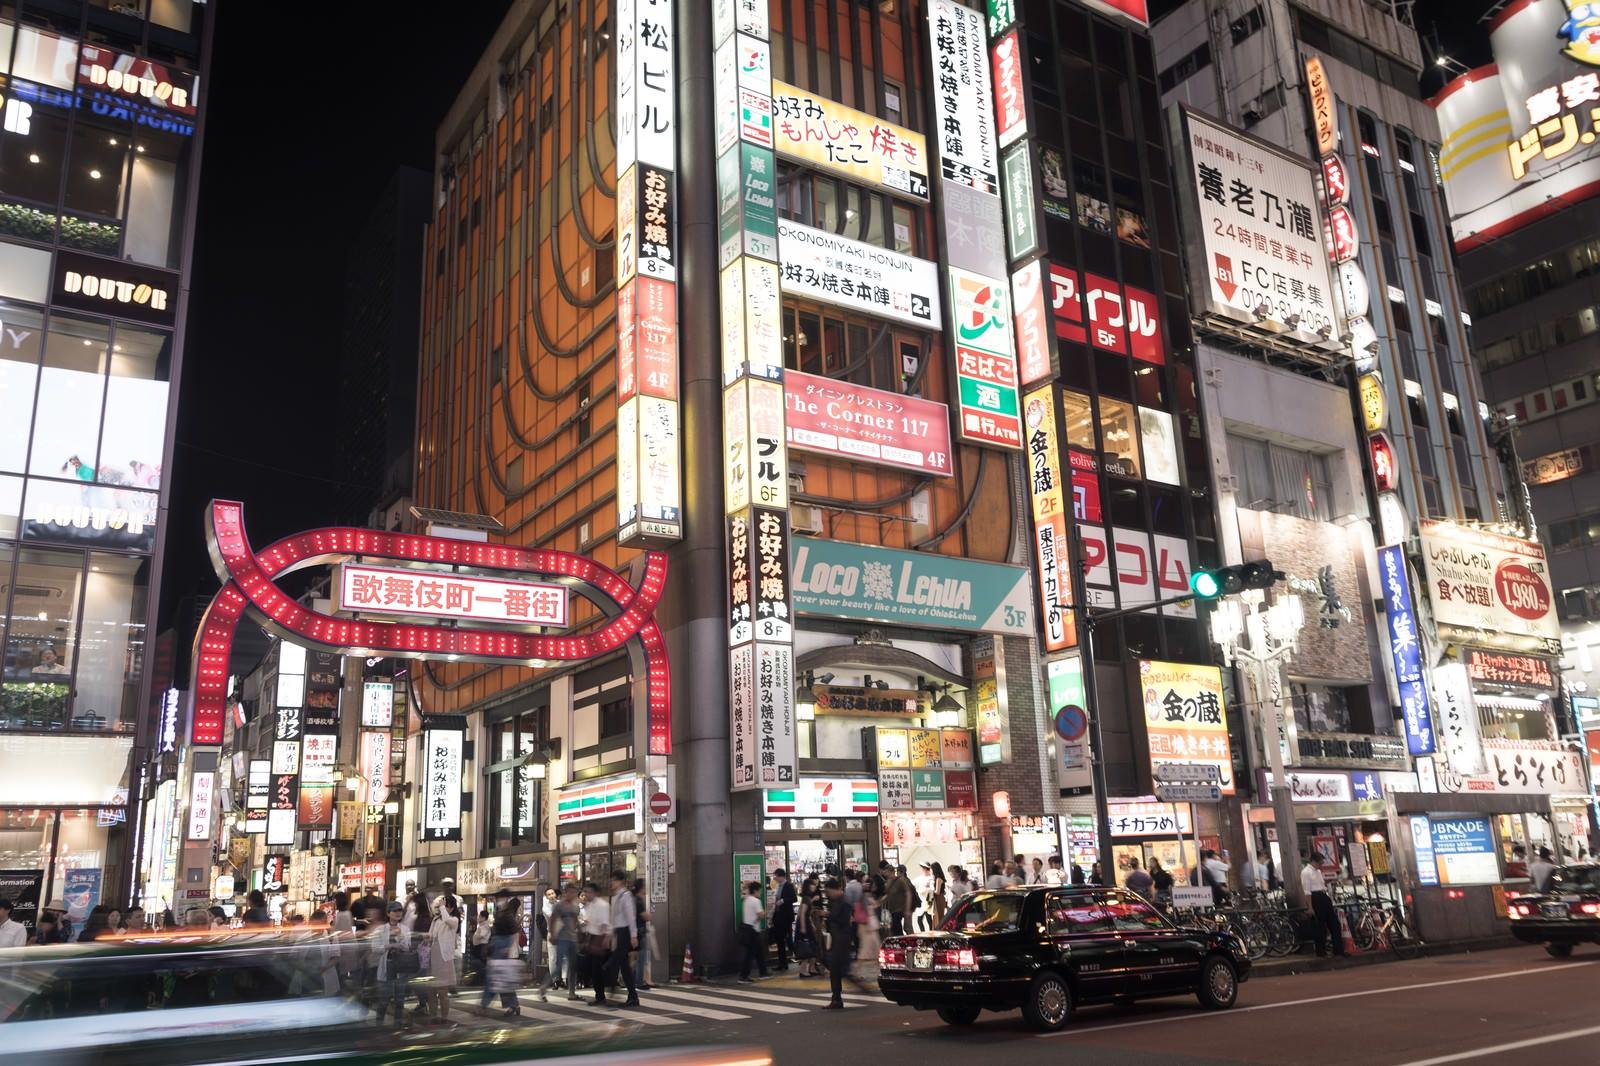 「新宿歌舞伎町劇場通り前」の写真